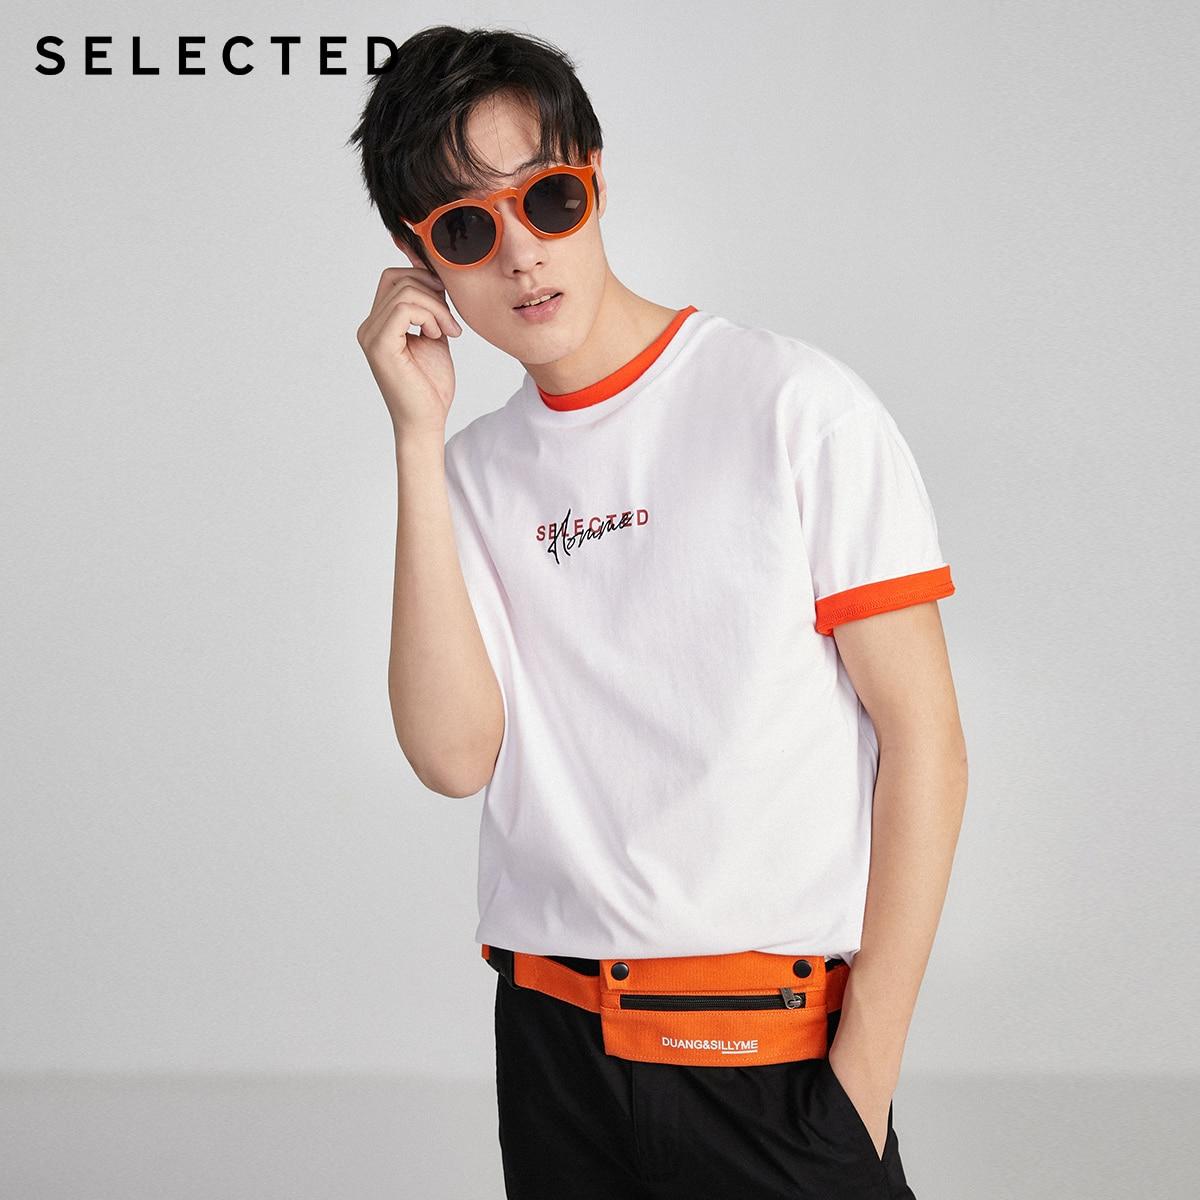 SELECTED Men's 100% Cotton Letter Embroidery Drop-shoulder T-shirt S|420201558